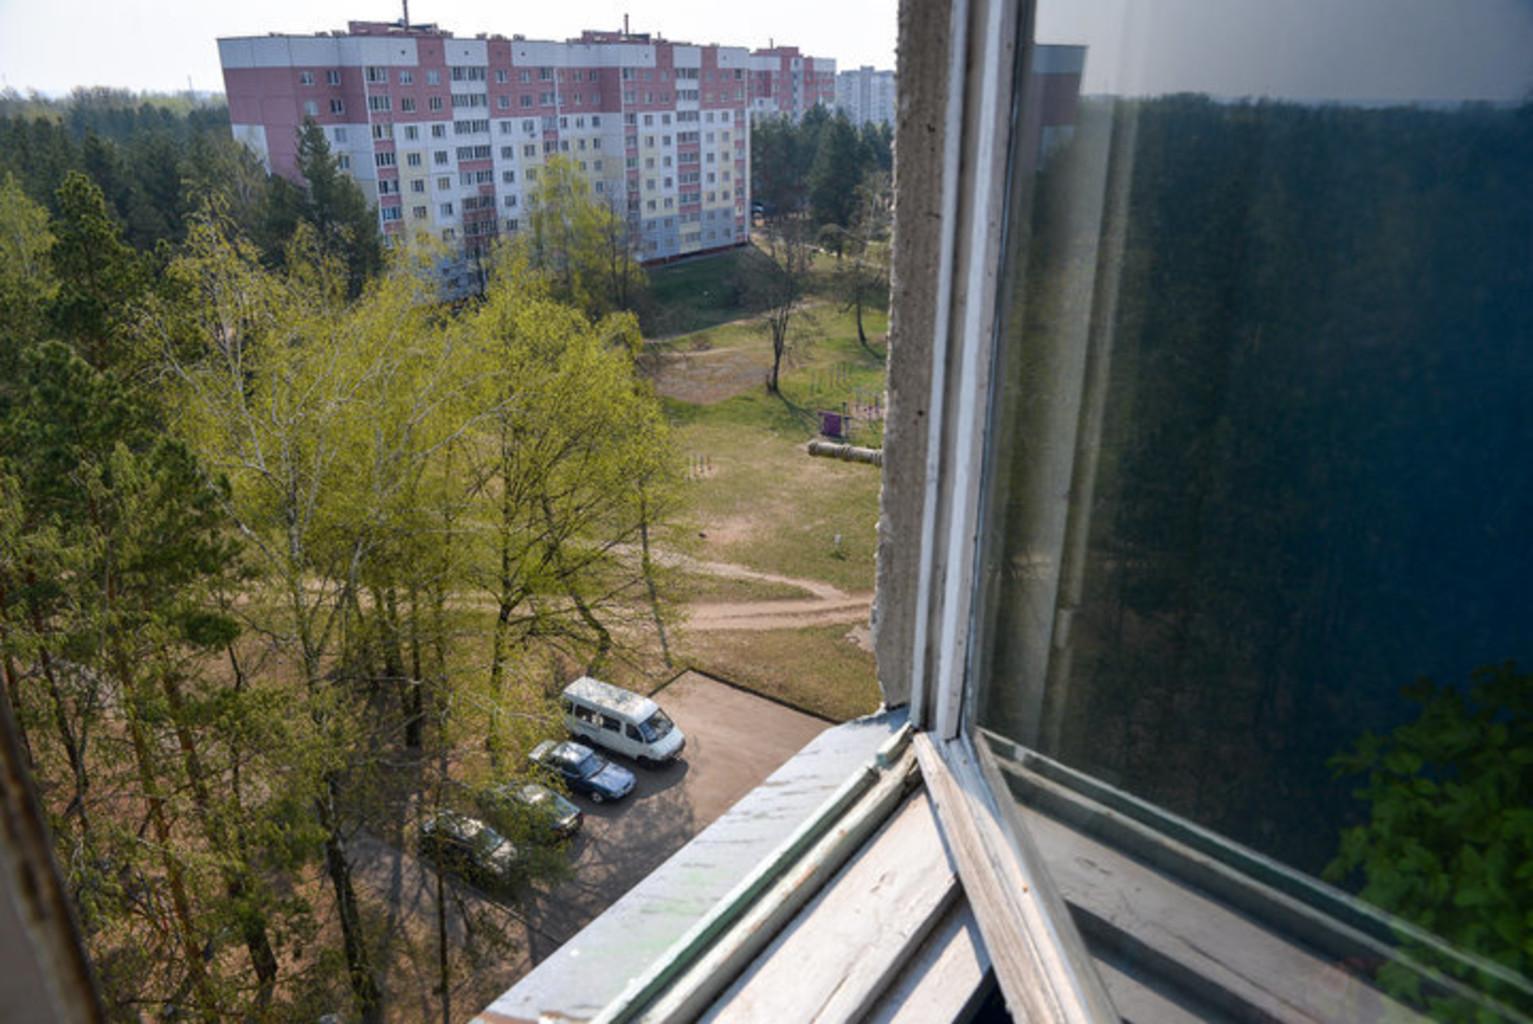 230419 bobruysk miron klimovich tragediya v obshchezhitii 5